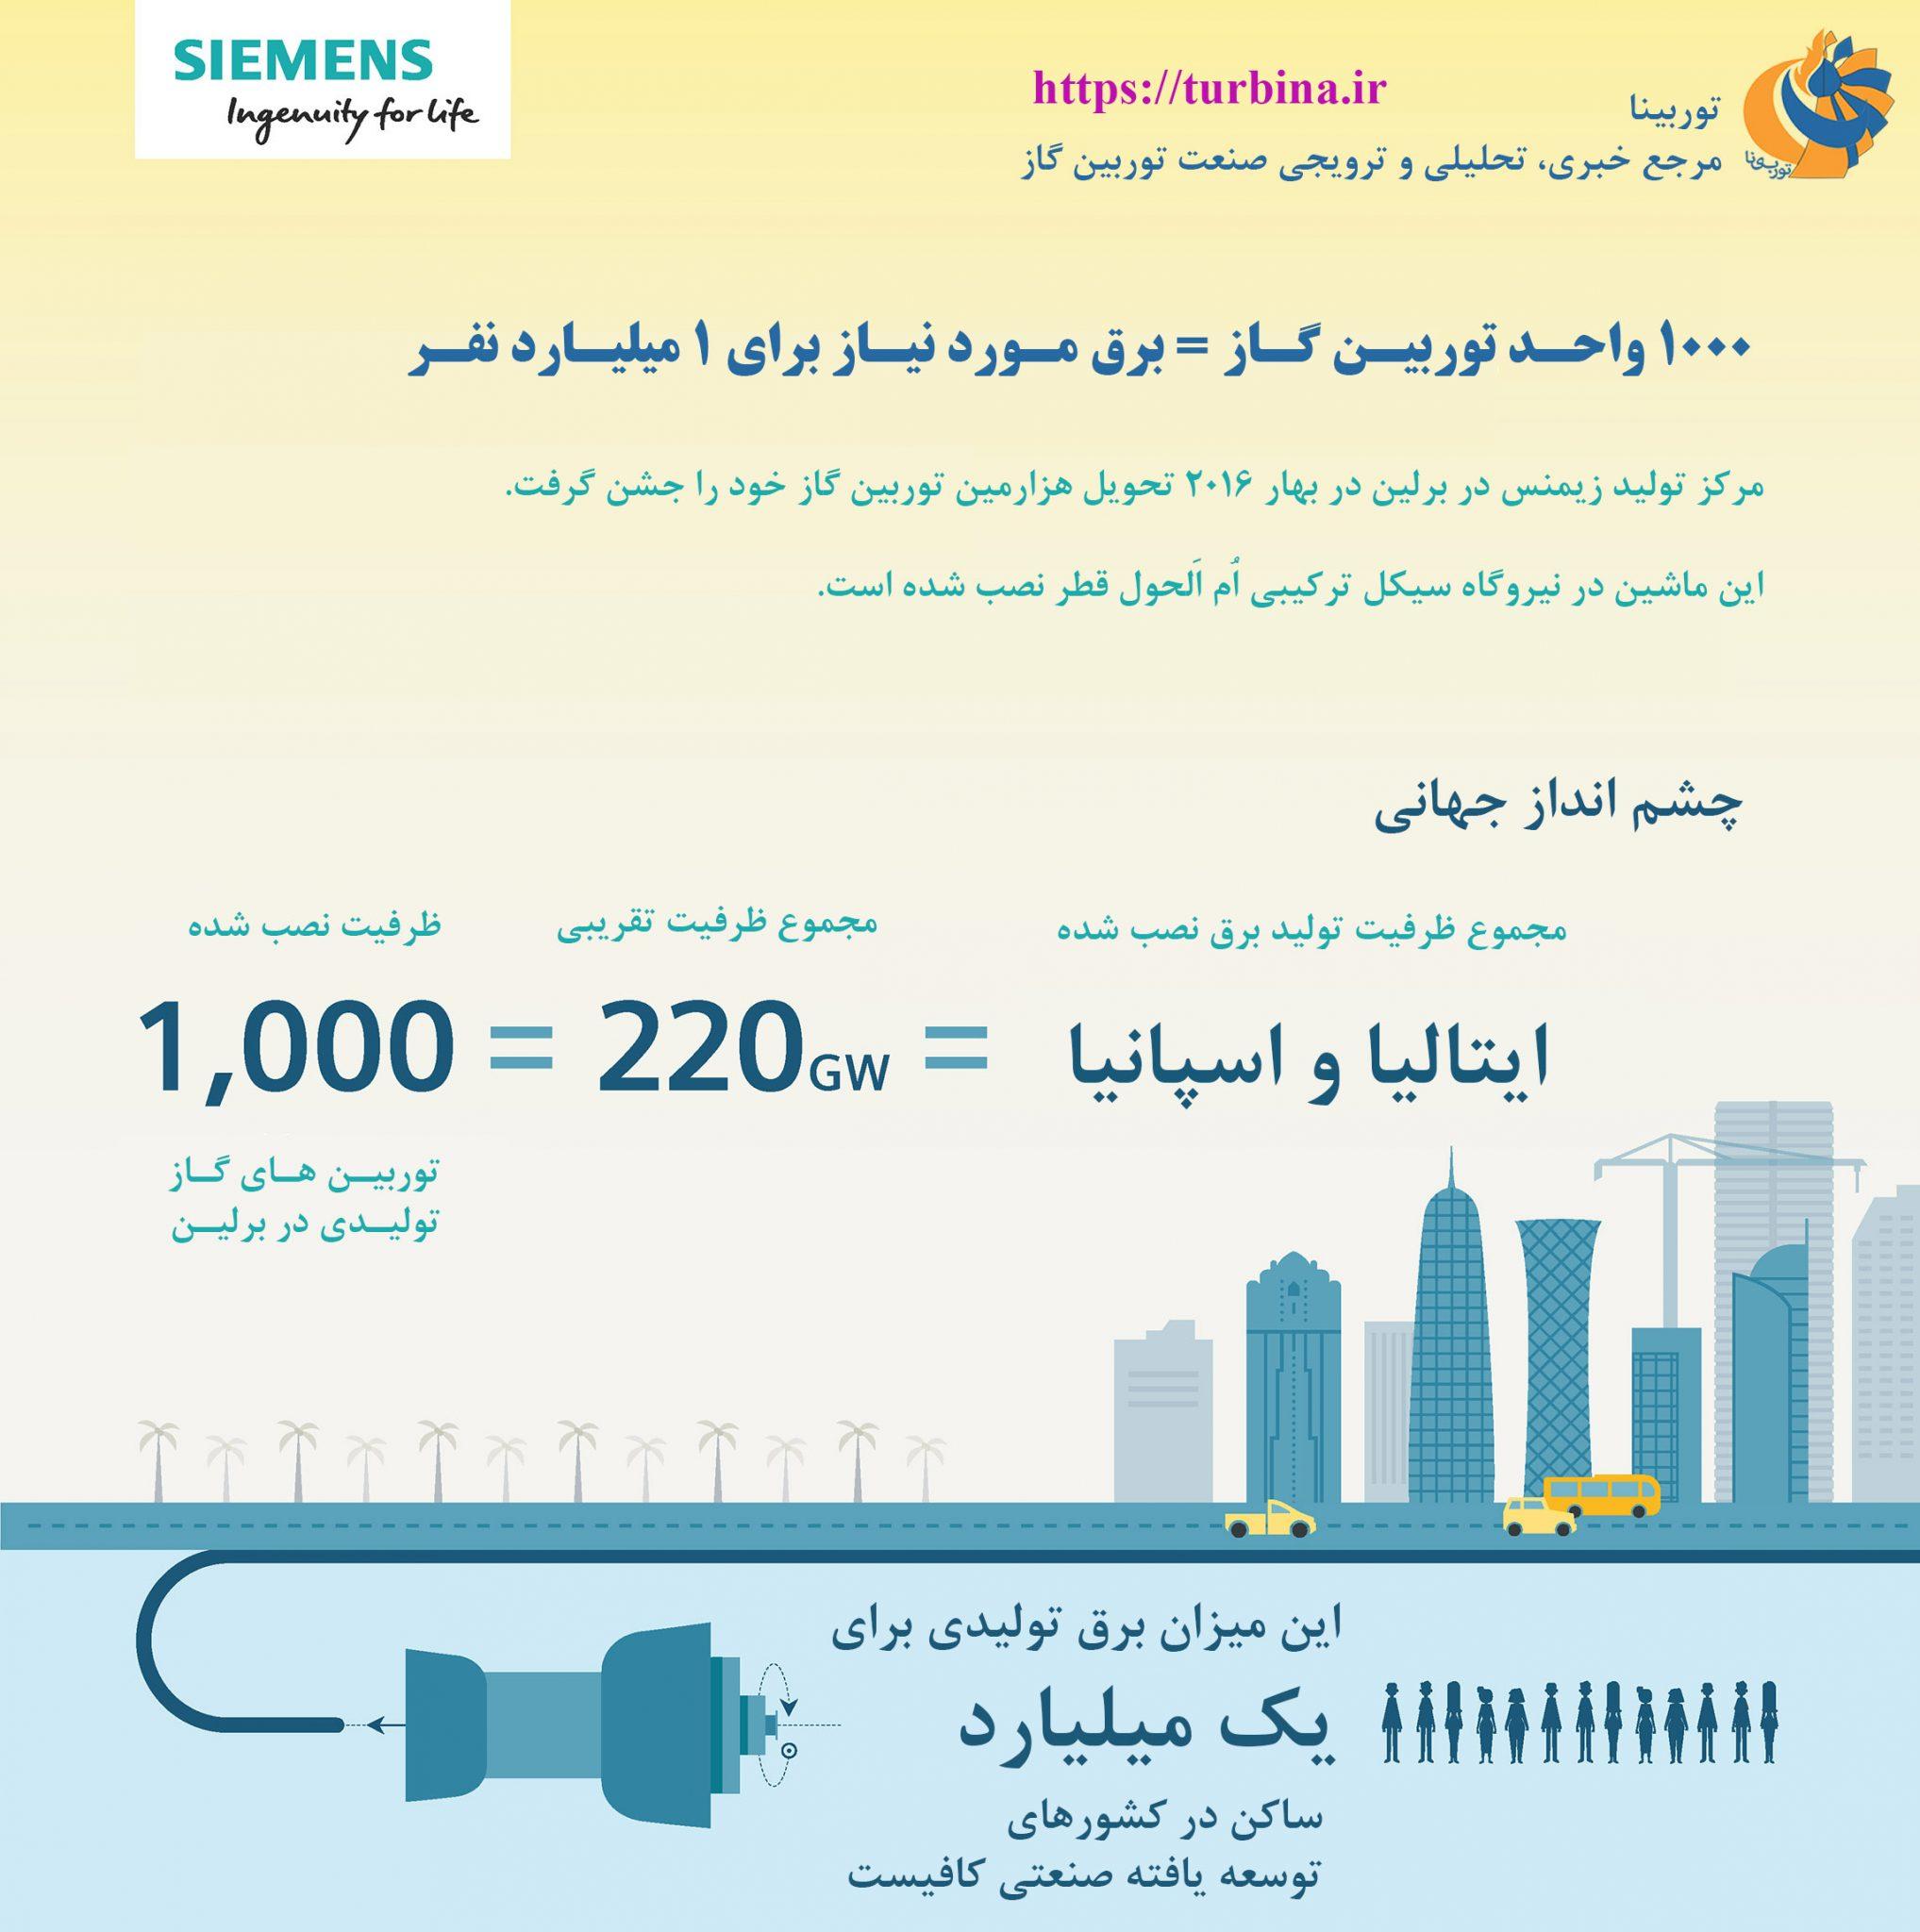 چشمانداز جهانی 1000 واحد توربین گاز زیمنس تا سال 2016